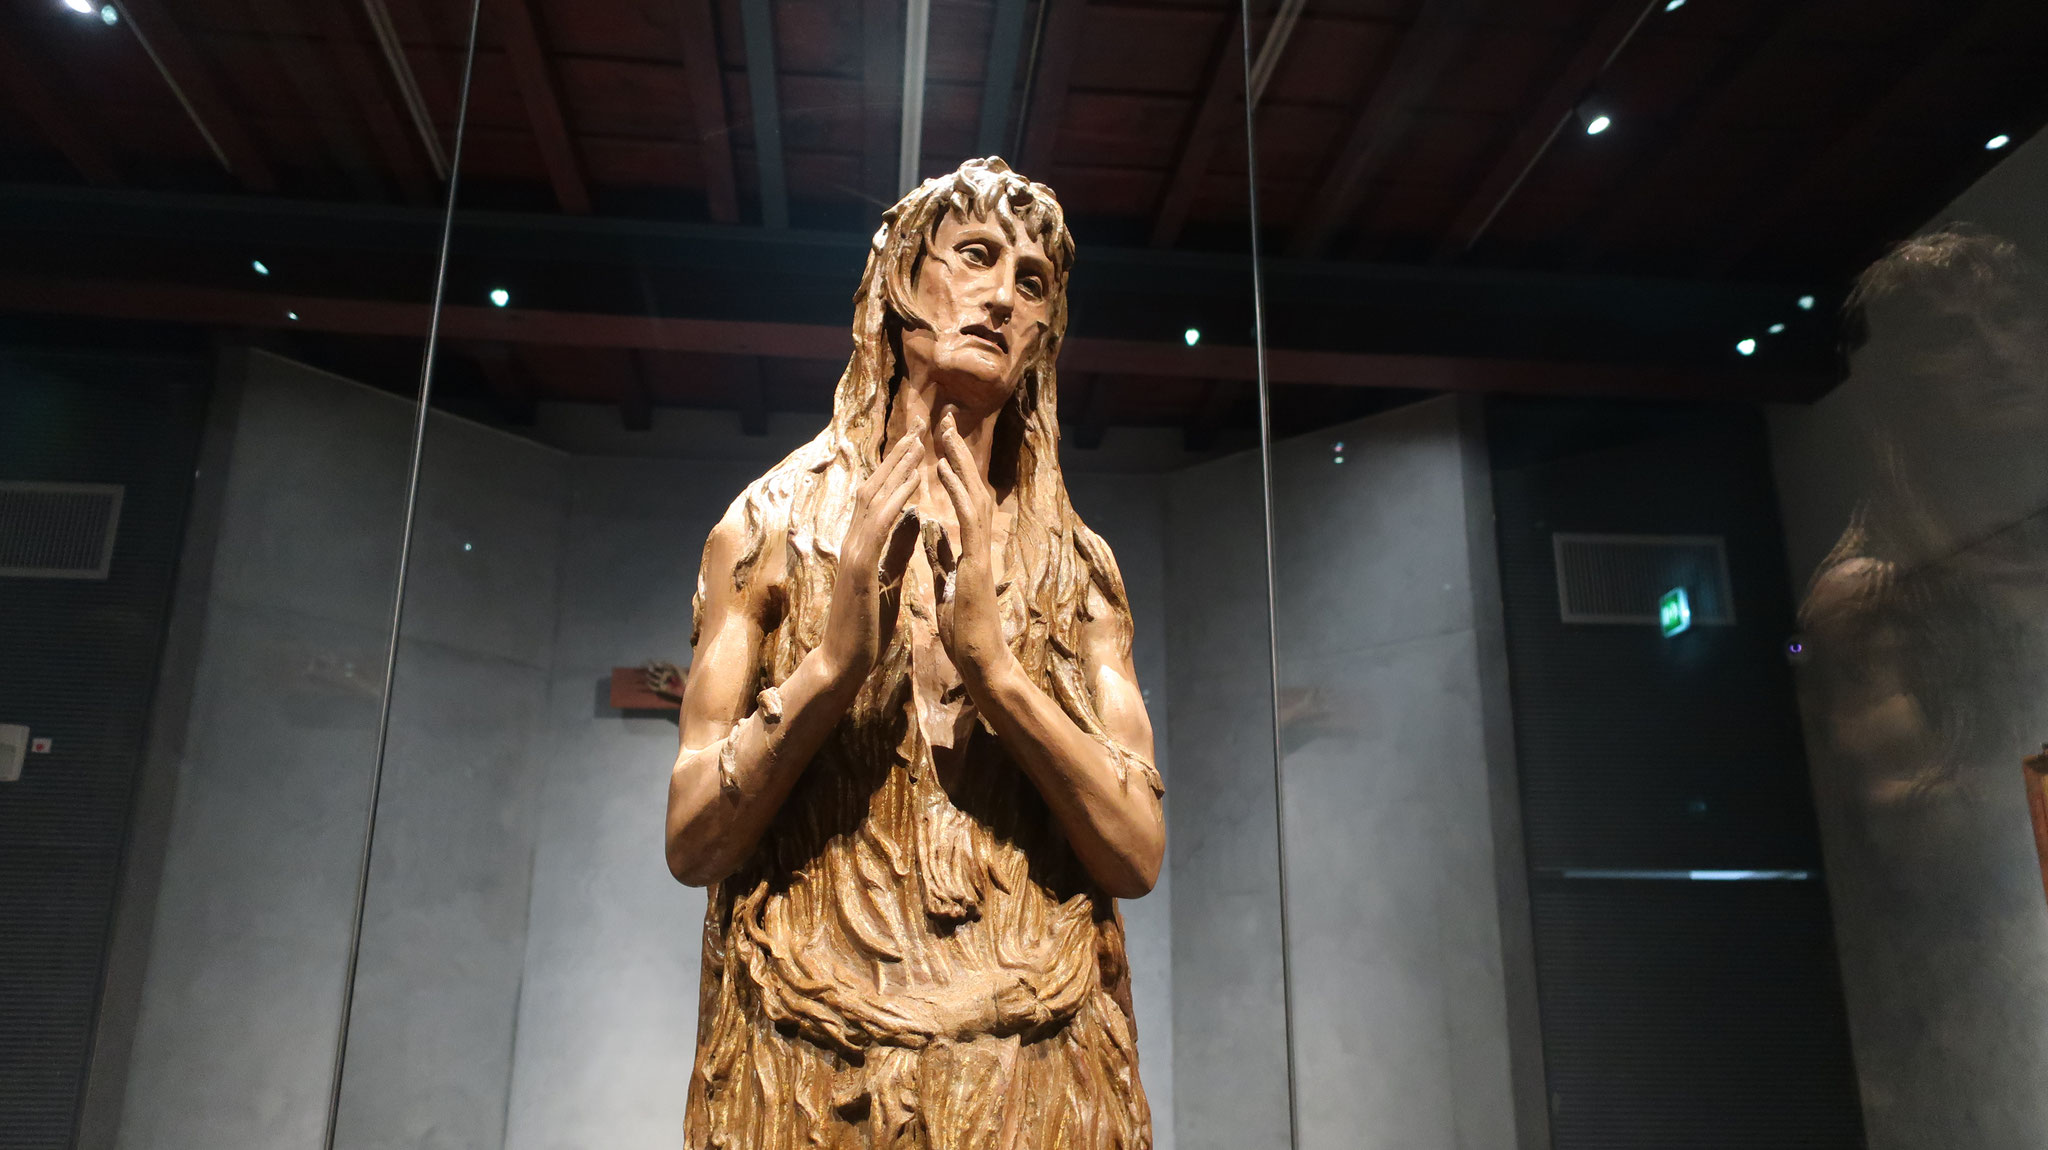 金持ちに生まれ、美貌と富ゆえに快楽に溺れましたが、後にイエス・キリストに出会い改心しました。 イエスの磔(はりつけ)を見守り、十字架から降ろされたイエスの足に涙を落し、自らの髪で拭い、香油を塗りました。 晩年は、洞窟で極貧・懺悔の日々を送りました。